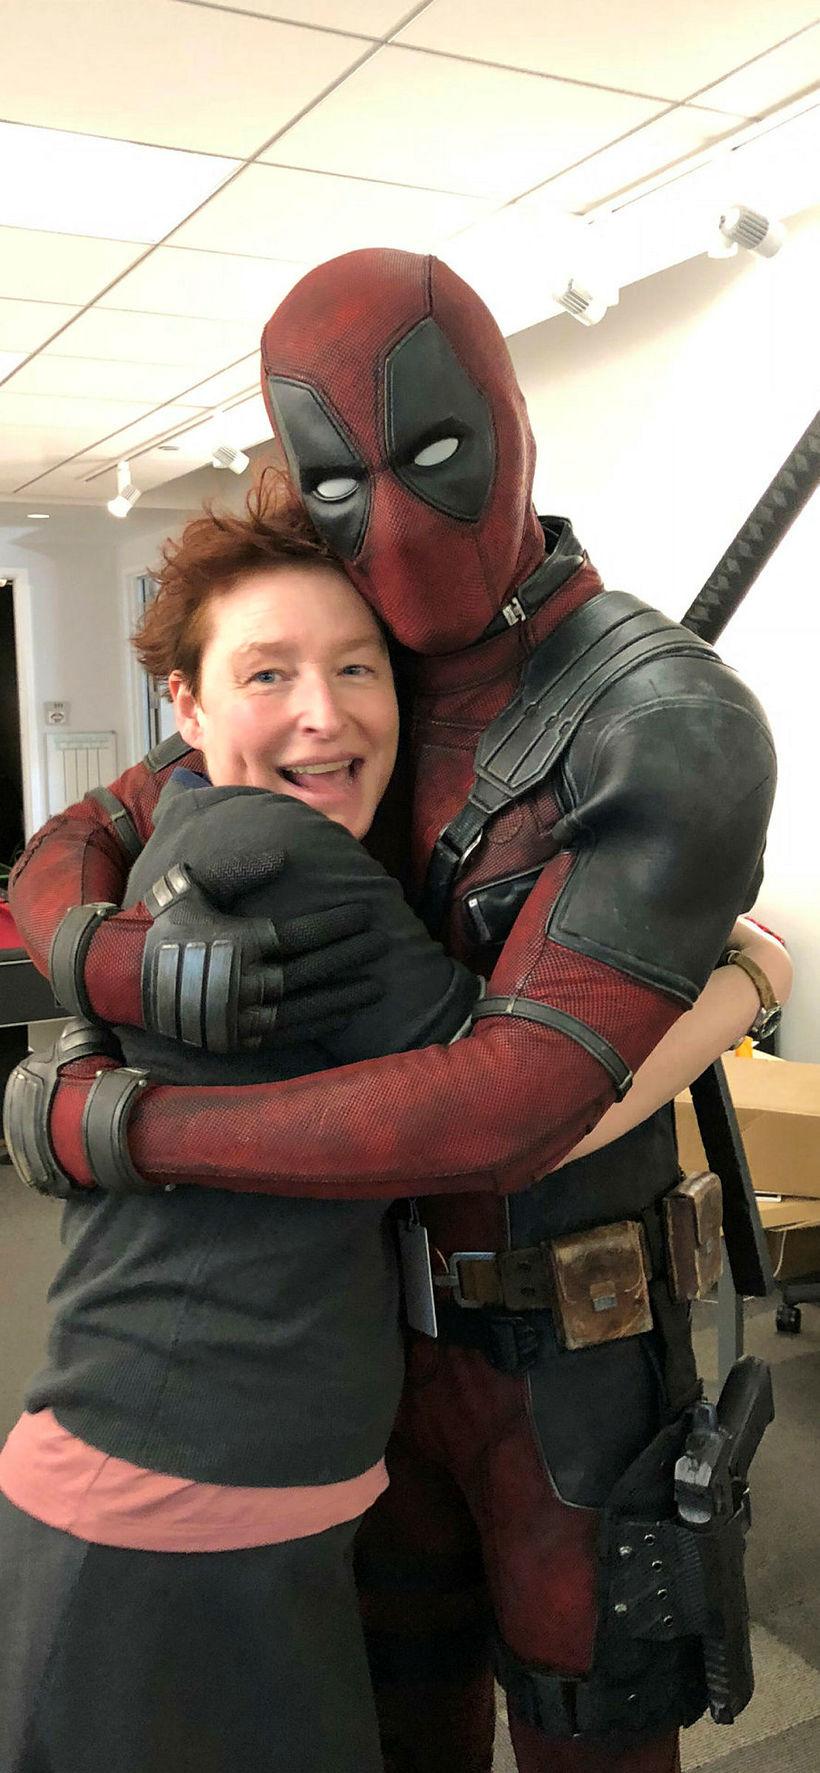 Elísabet með leikaranum Ryan Reynolds í búningi ofurhetjunnar Deadpool.